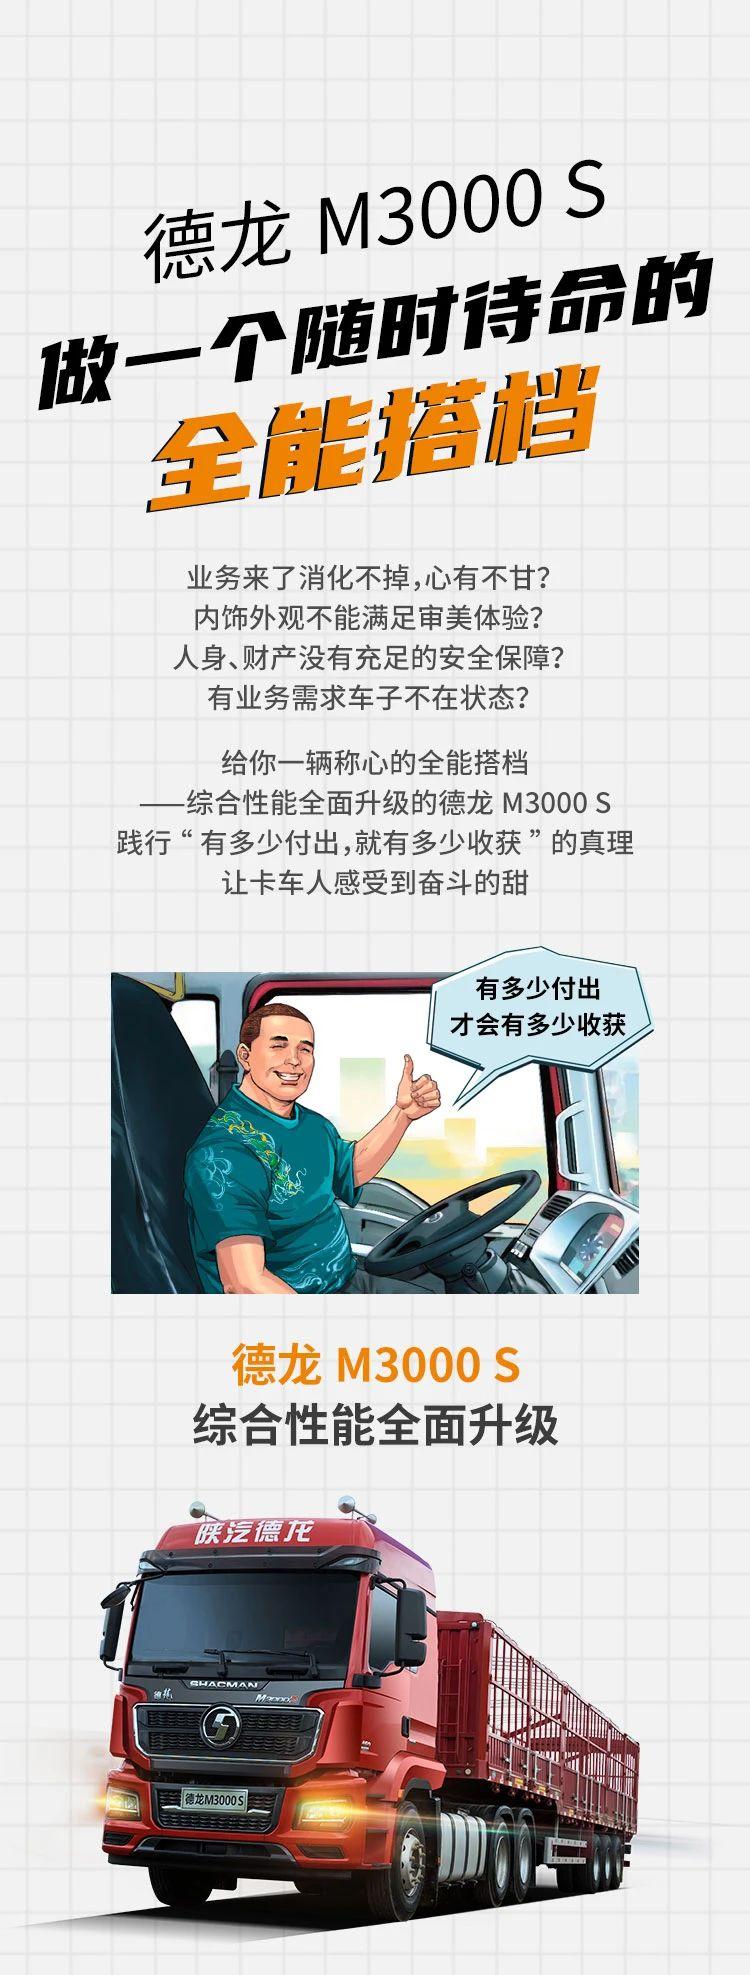 德龙M3000 S详解